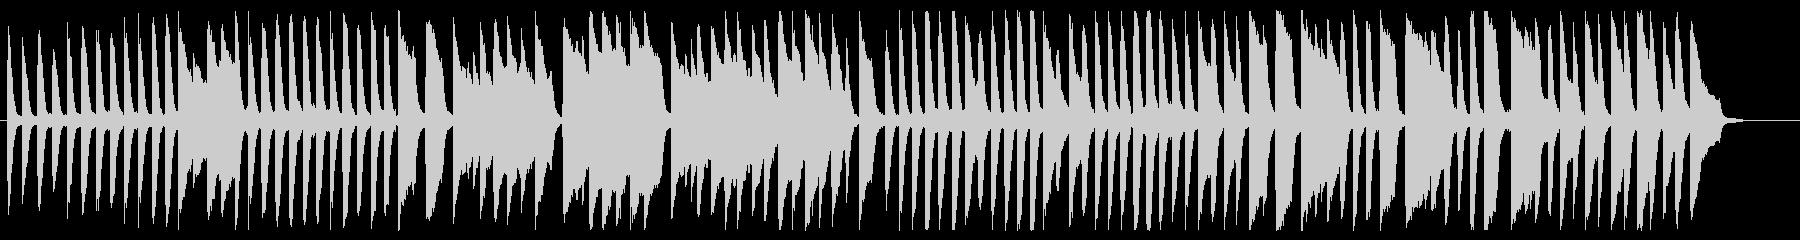 アルプス一万尺 ピアノver.の未再生の波形